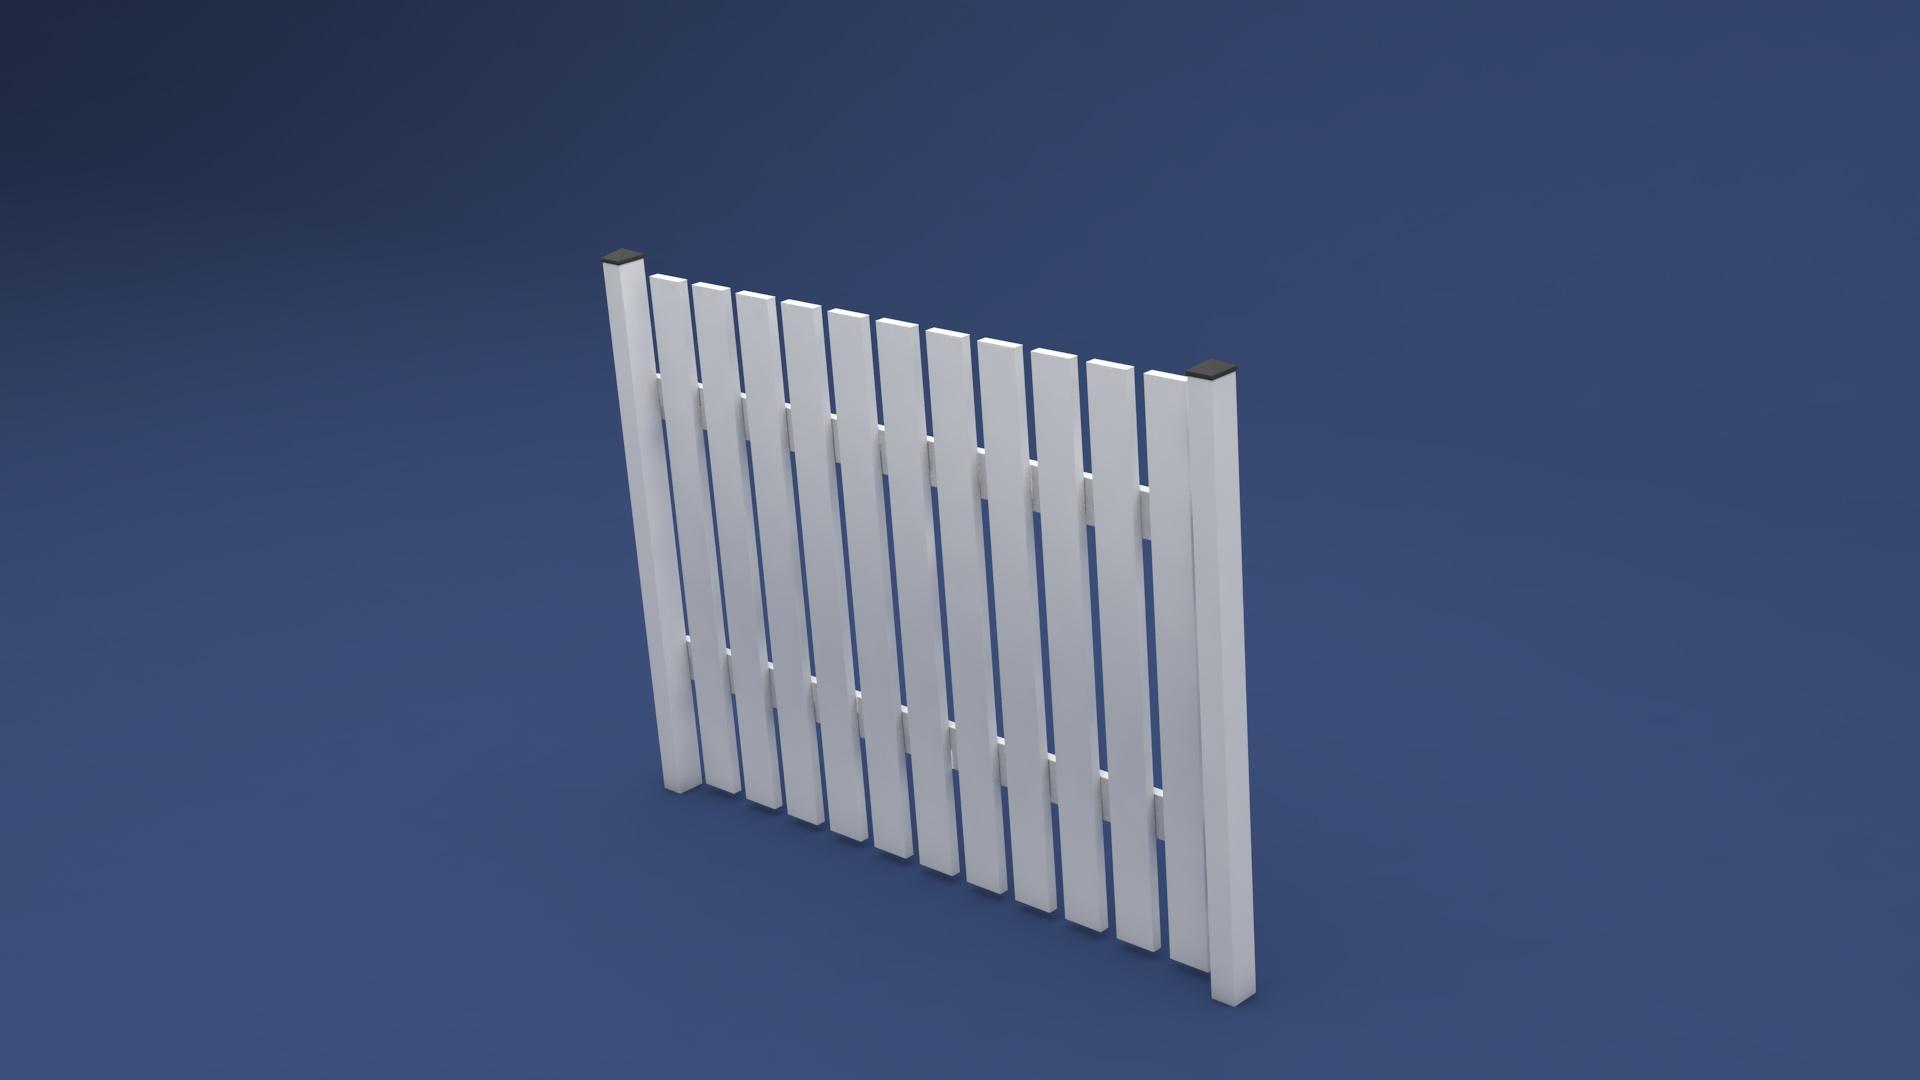 Kunststoff Zaun Susi in 2000 x 1600 mm aus langlebigen Kunststoff weiß